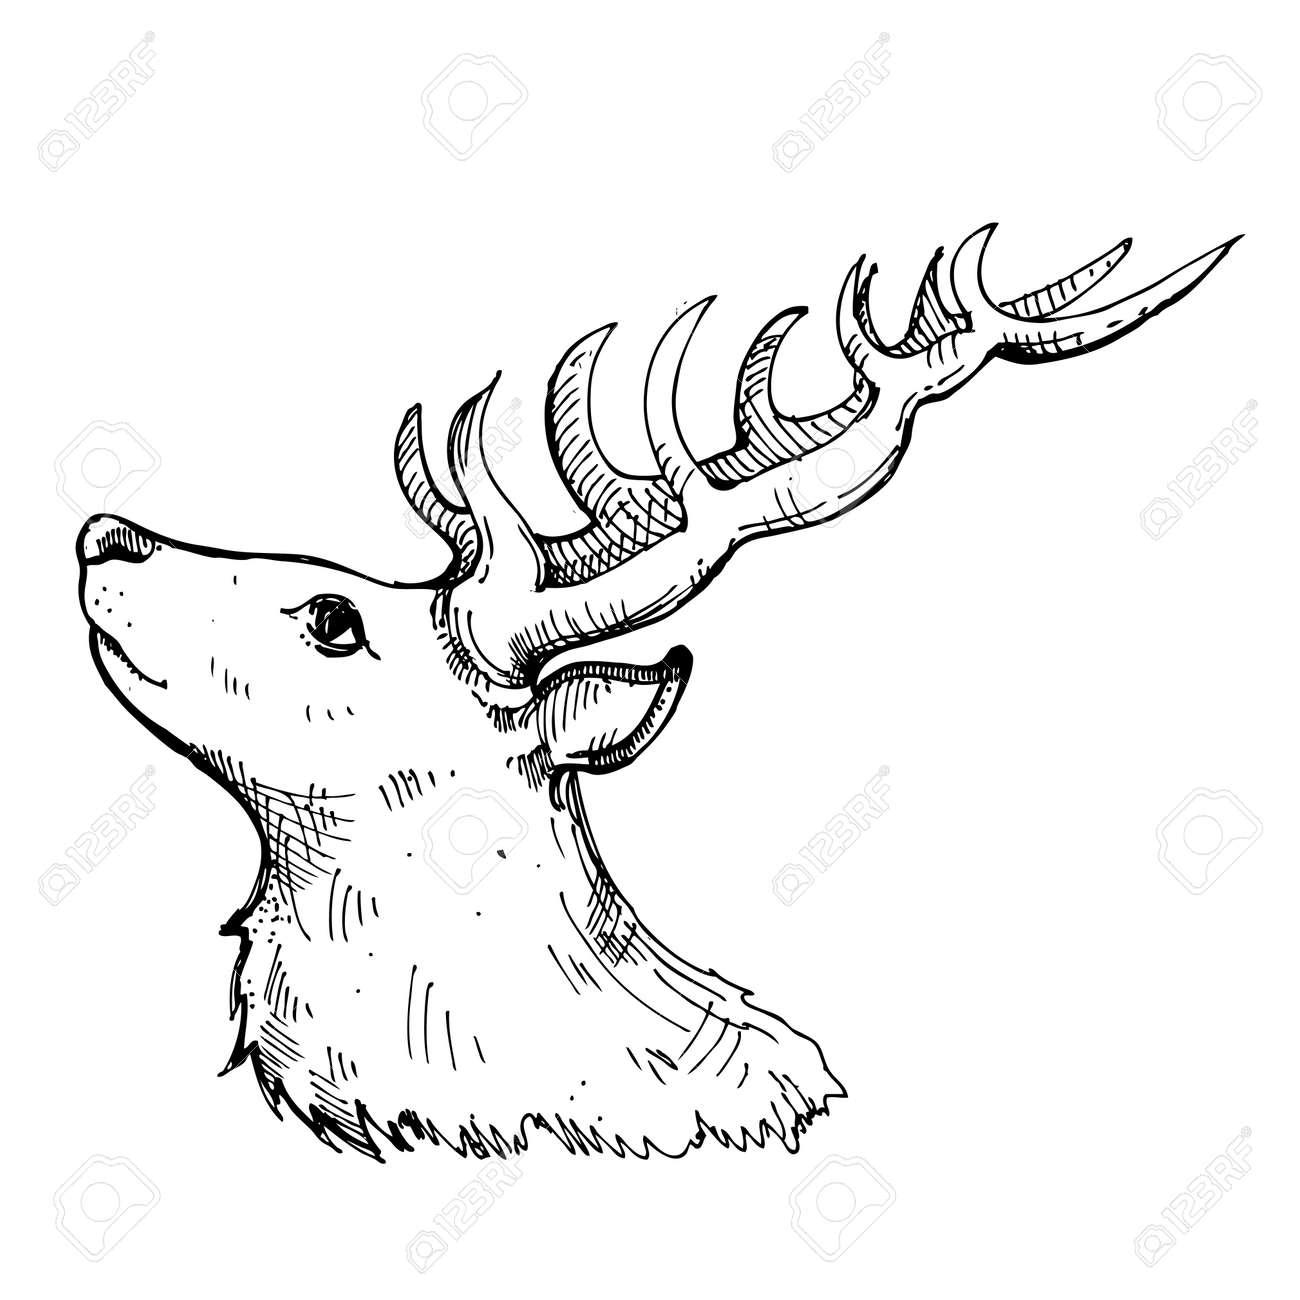 Dibujado A Mano Ciervos Tinta Sobre Fondo Blanco. Dibujo Para ...